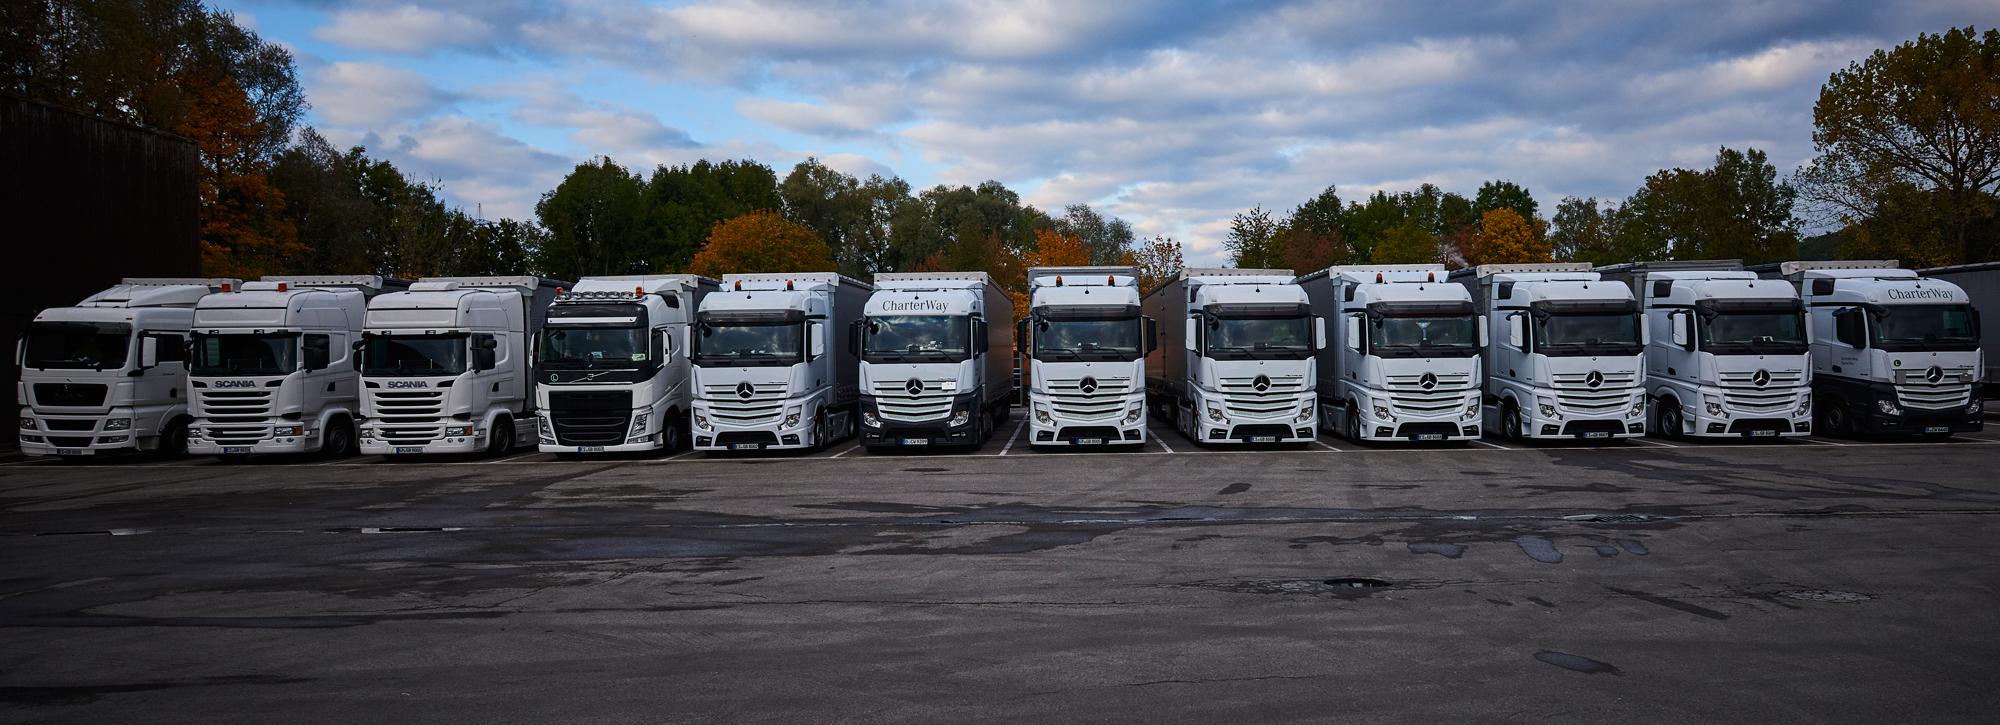 Transport von hochsensiblen Industriemaschinen und Industrieanlagen